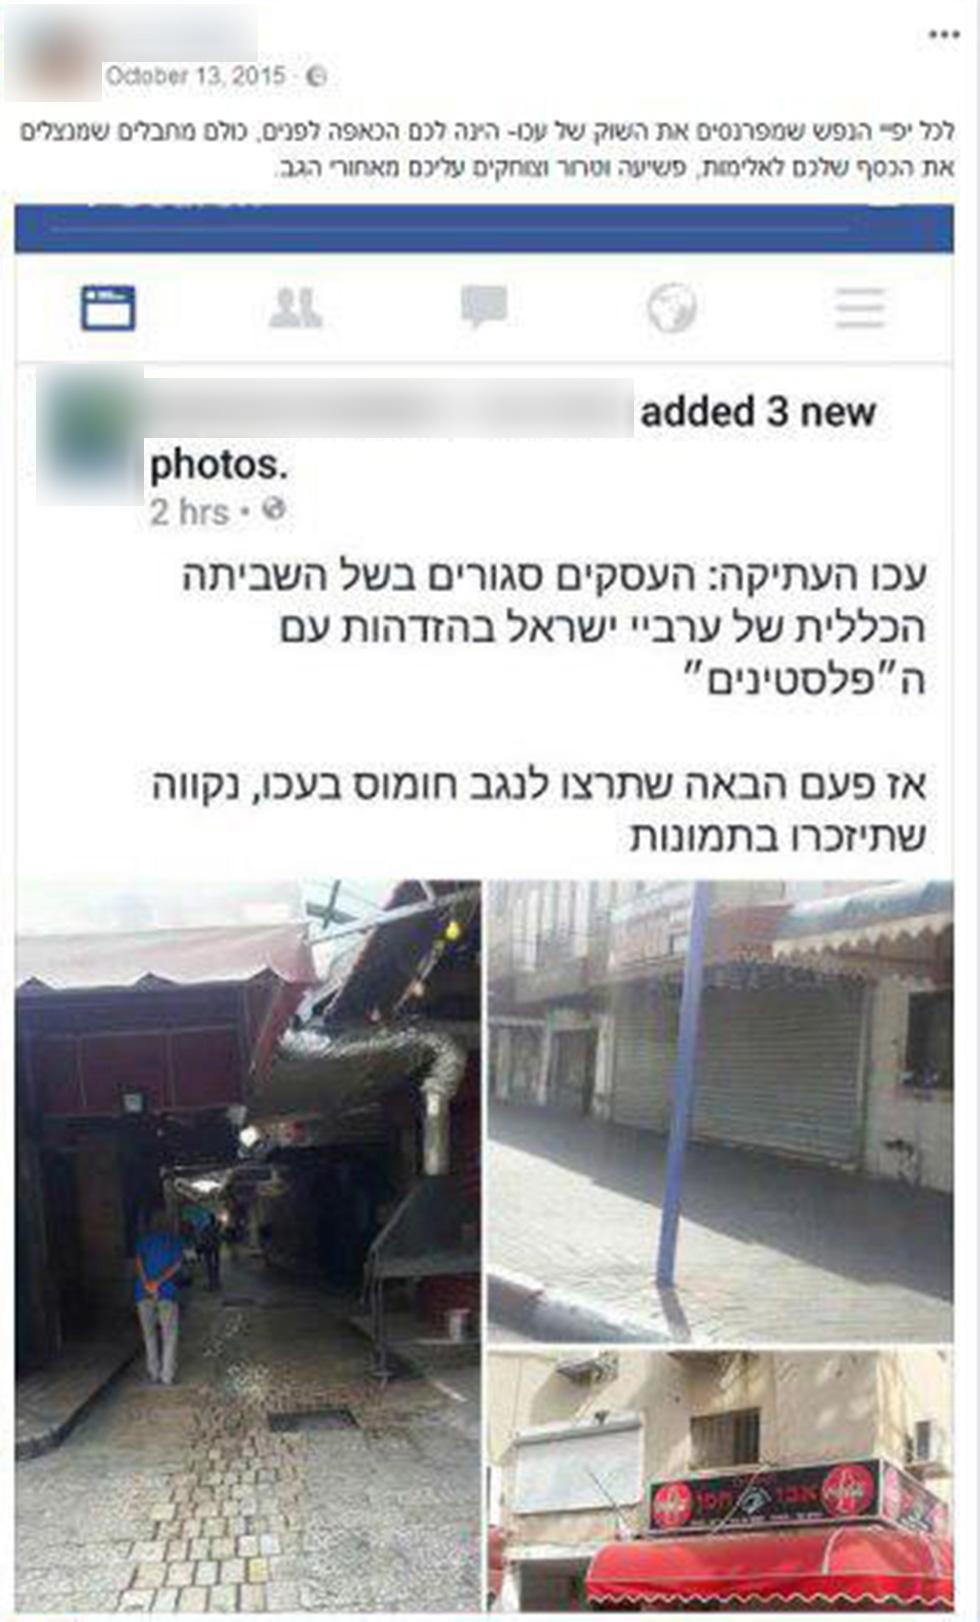 פייסבוק של שוטר חשוד פציעה ג'עפר פרח נגד פלסטינים  ()